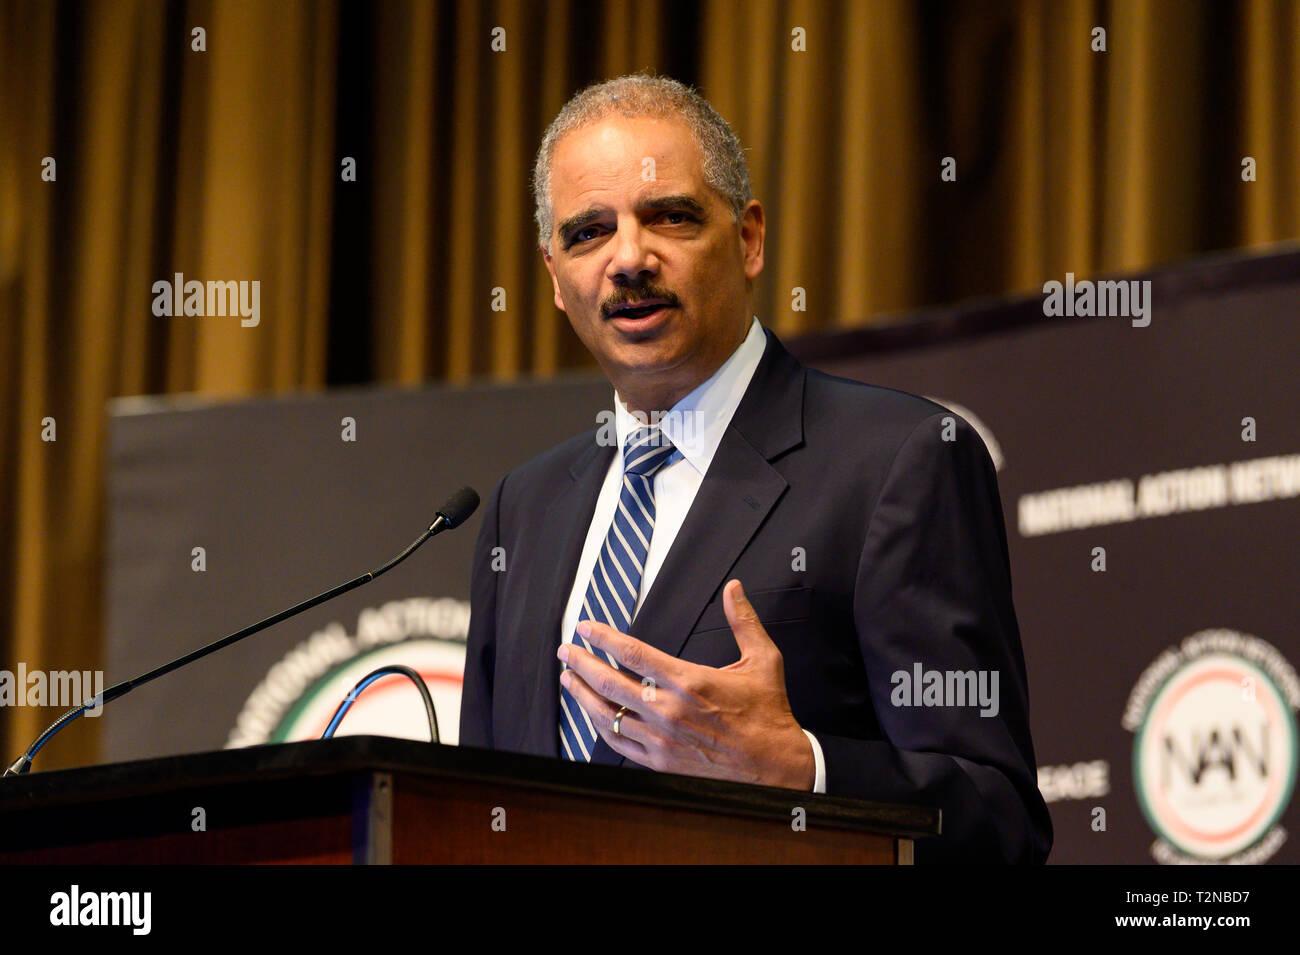 Eric Holder, ancien procureur général des États-Unis, au réseau d'Action National (NAN) convention de New York. Banque D'Images